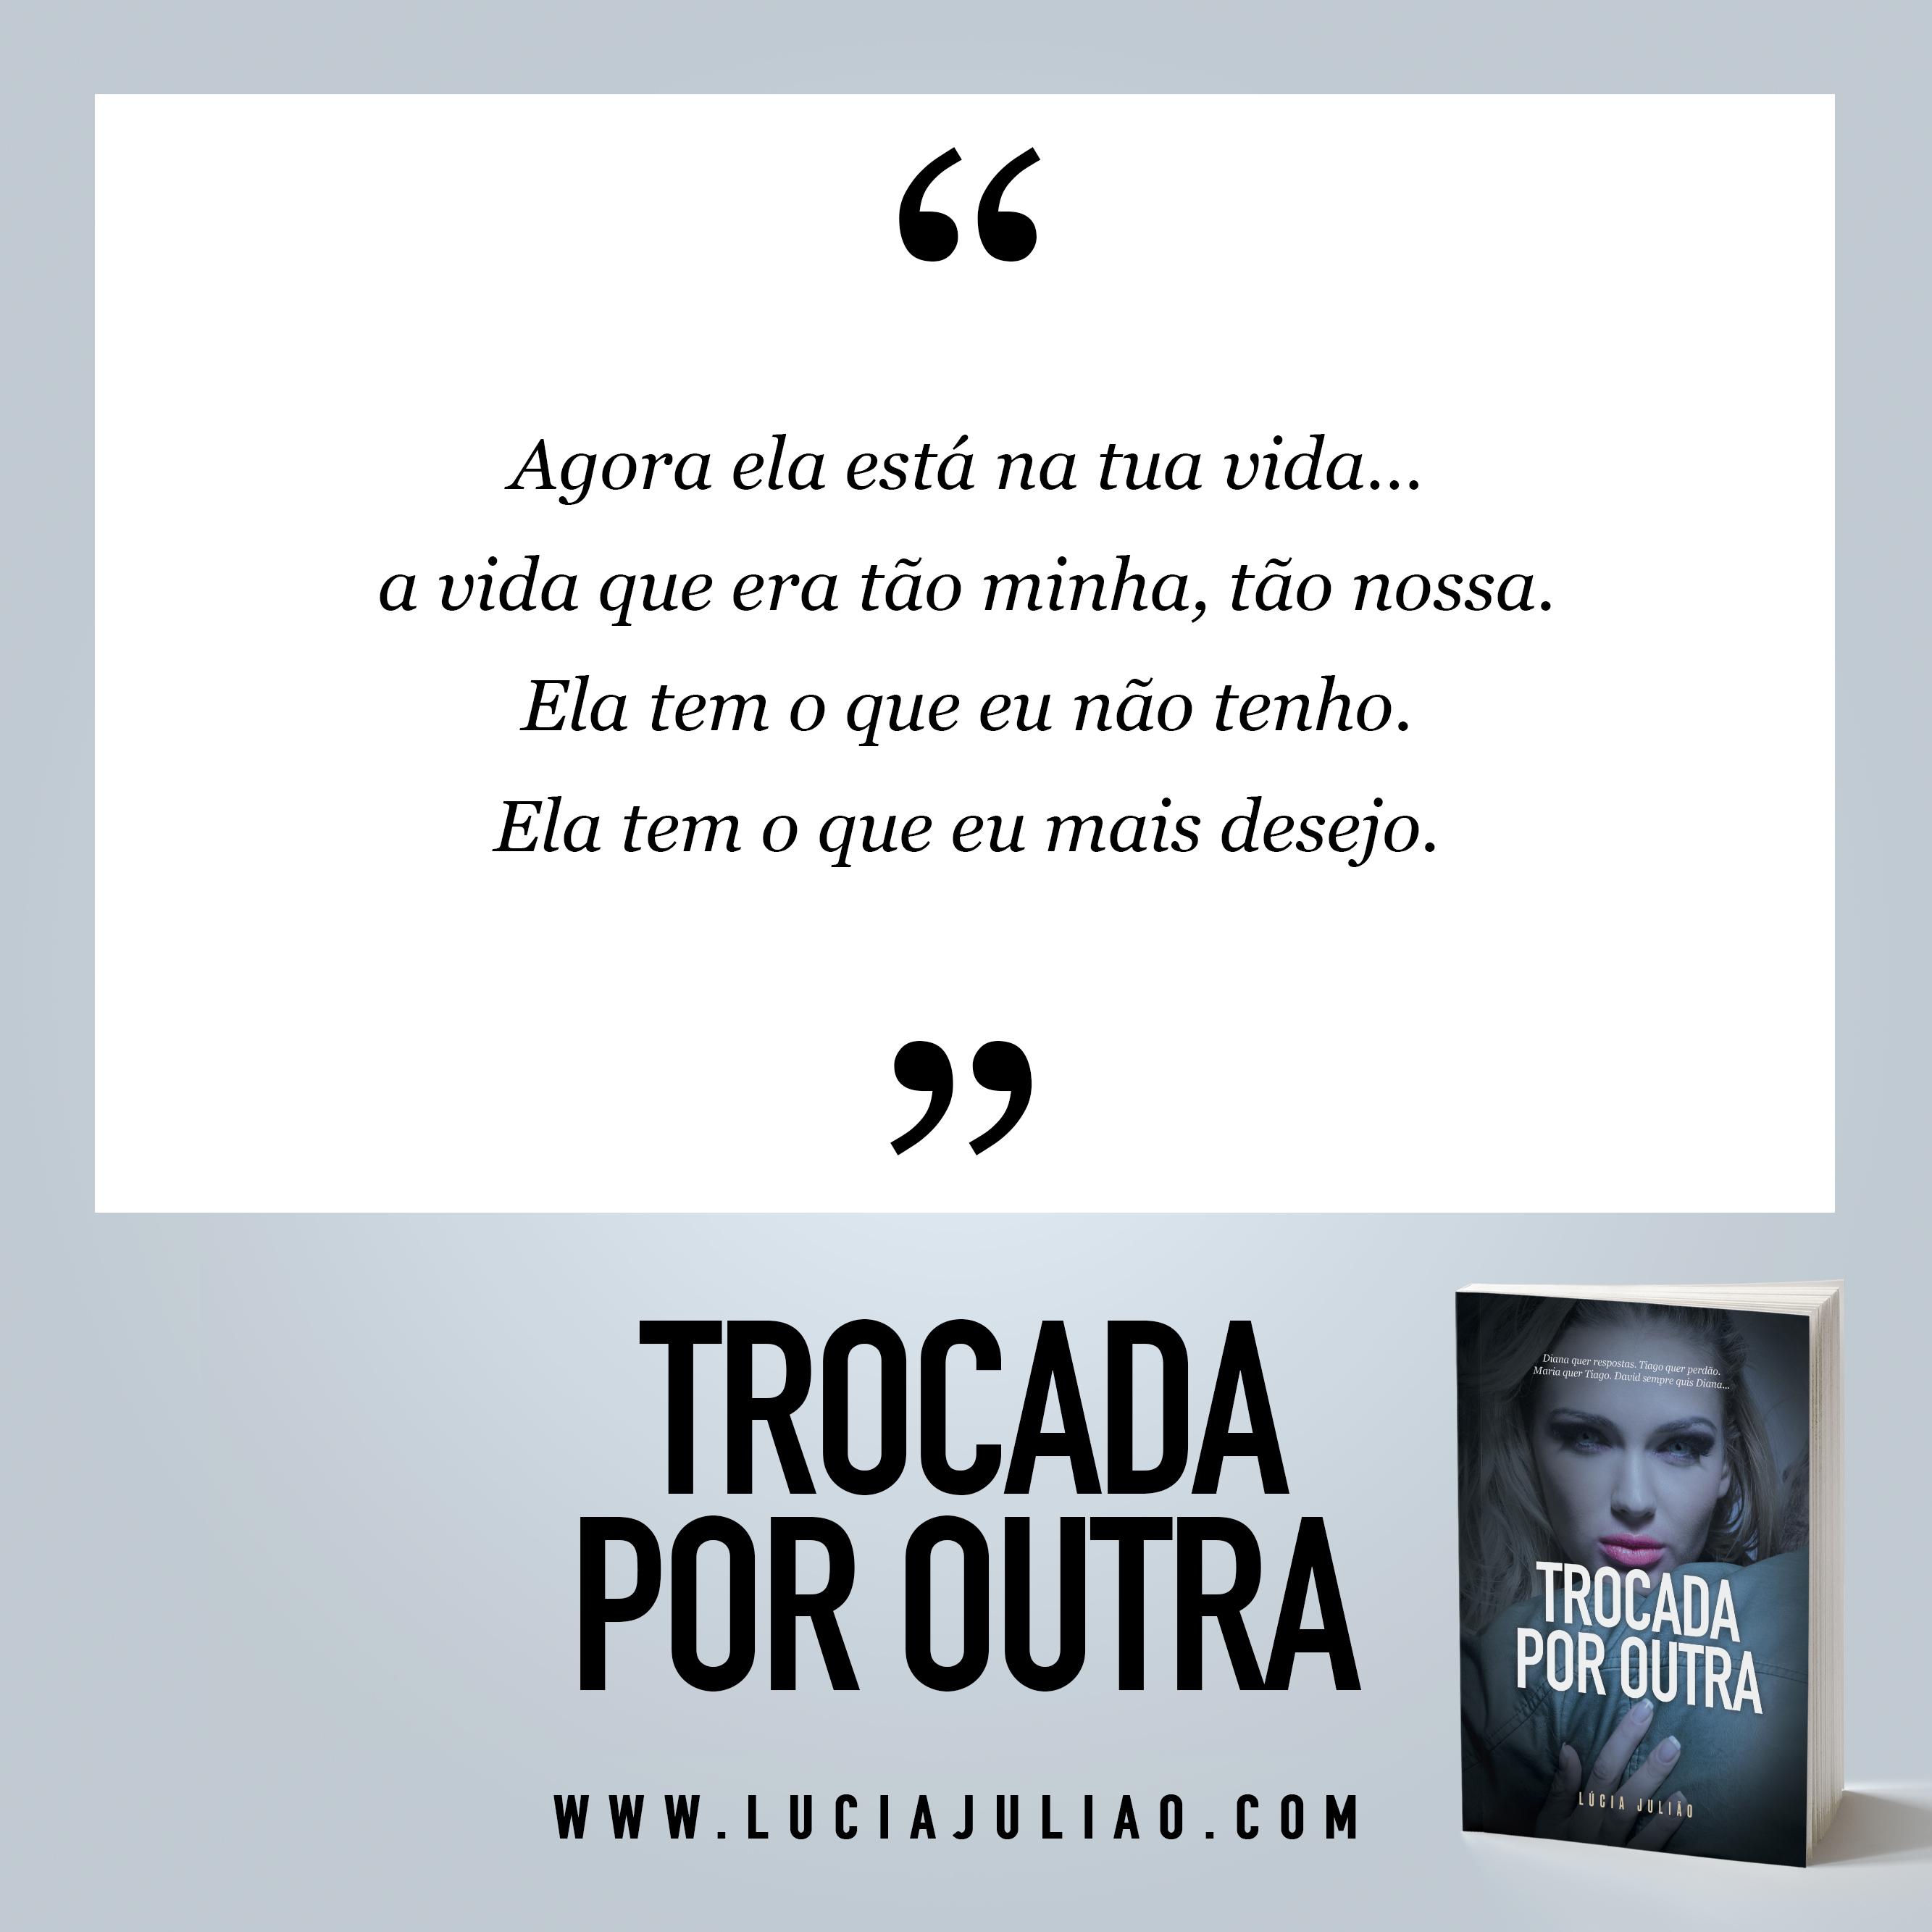 009Q - capítulo 2 - Trocada por outra - Lúcia Julião